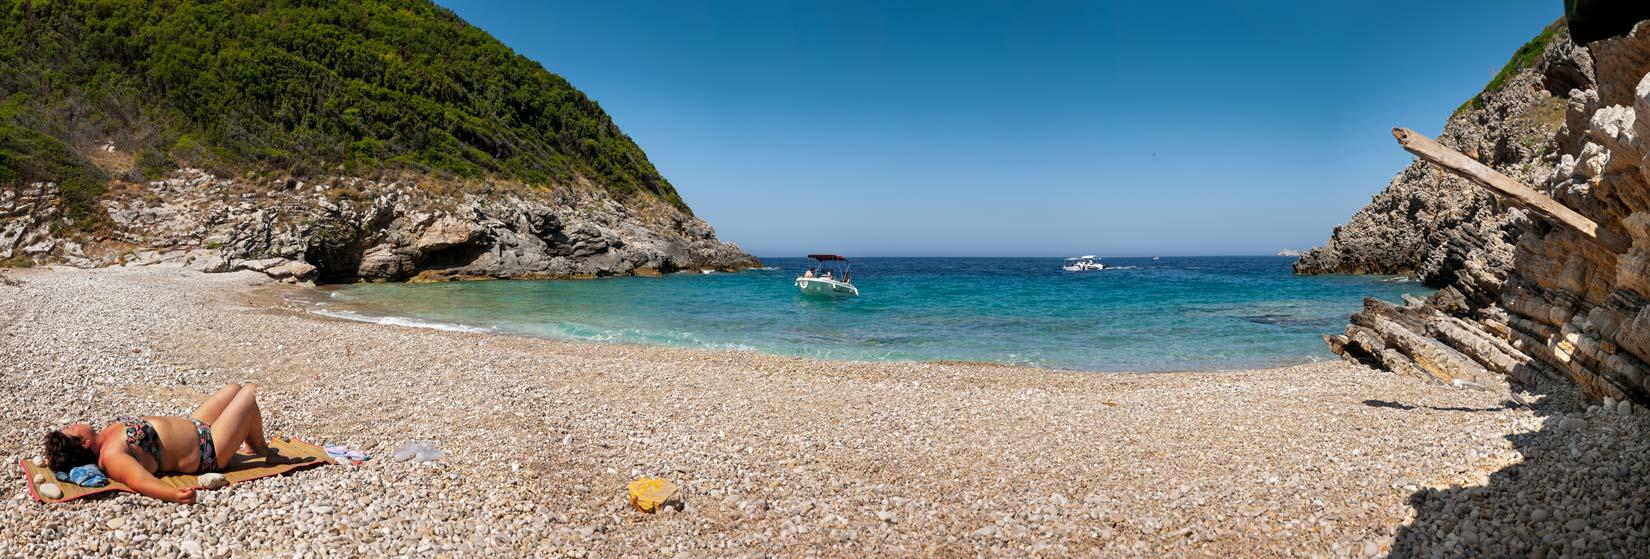 Liniodoros Beach. Přístupná pouze z moře, nebo pěšky olivovými háji hodinu cesty od Liapádes